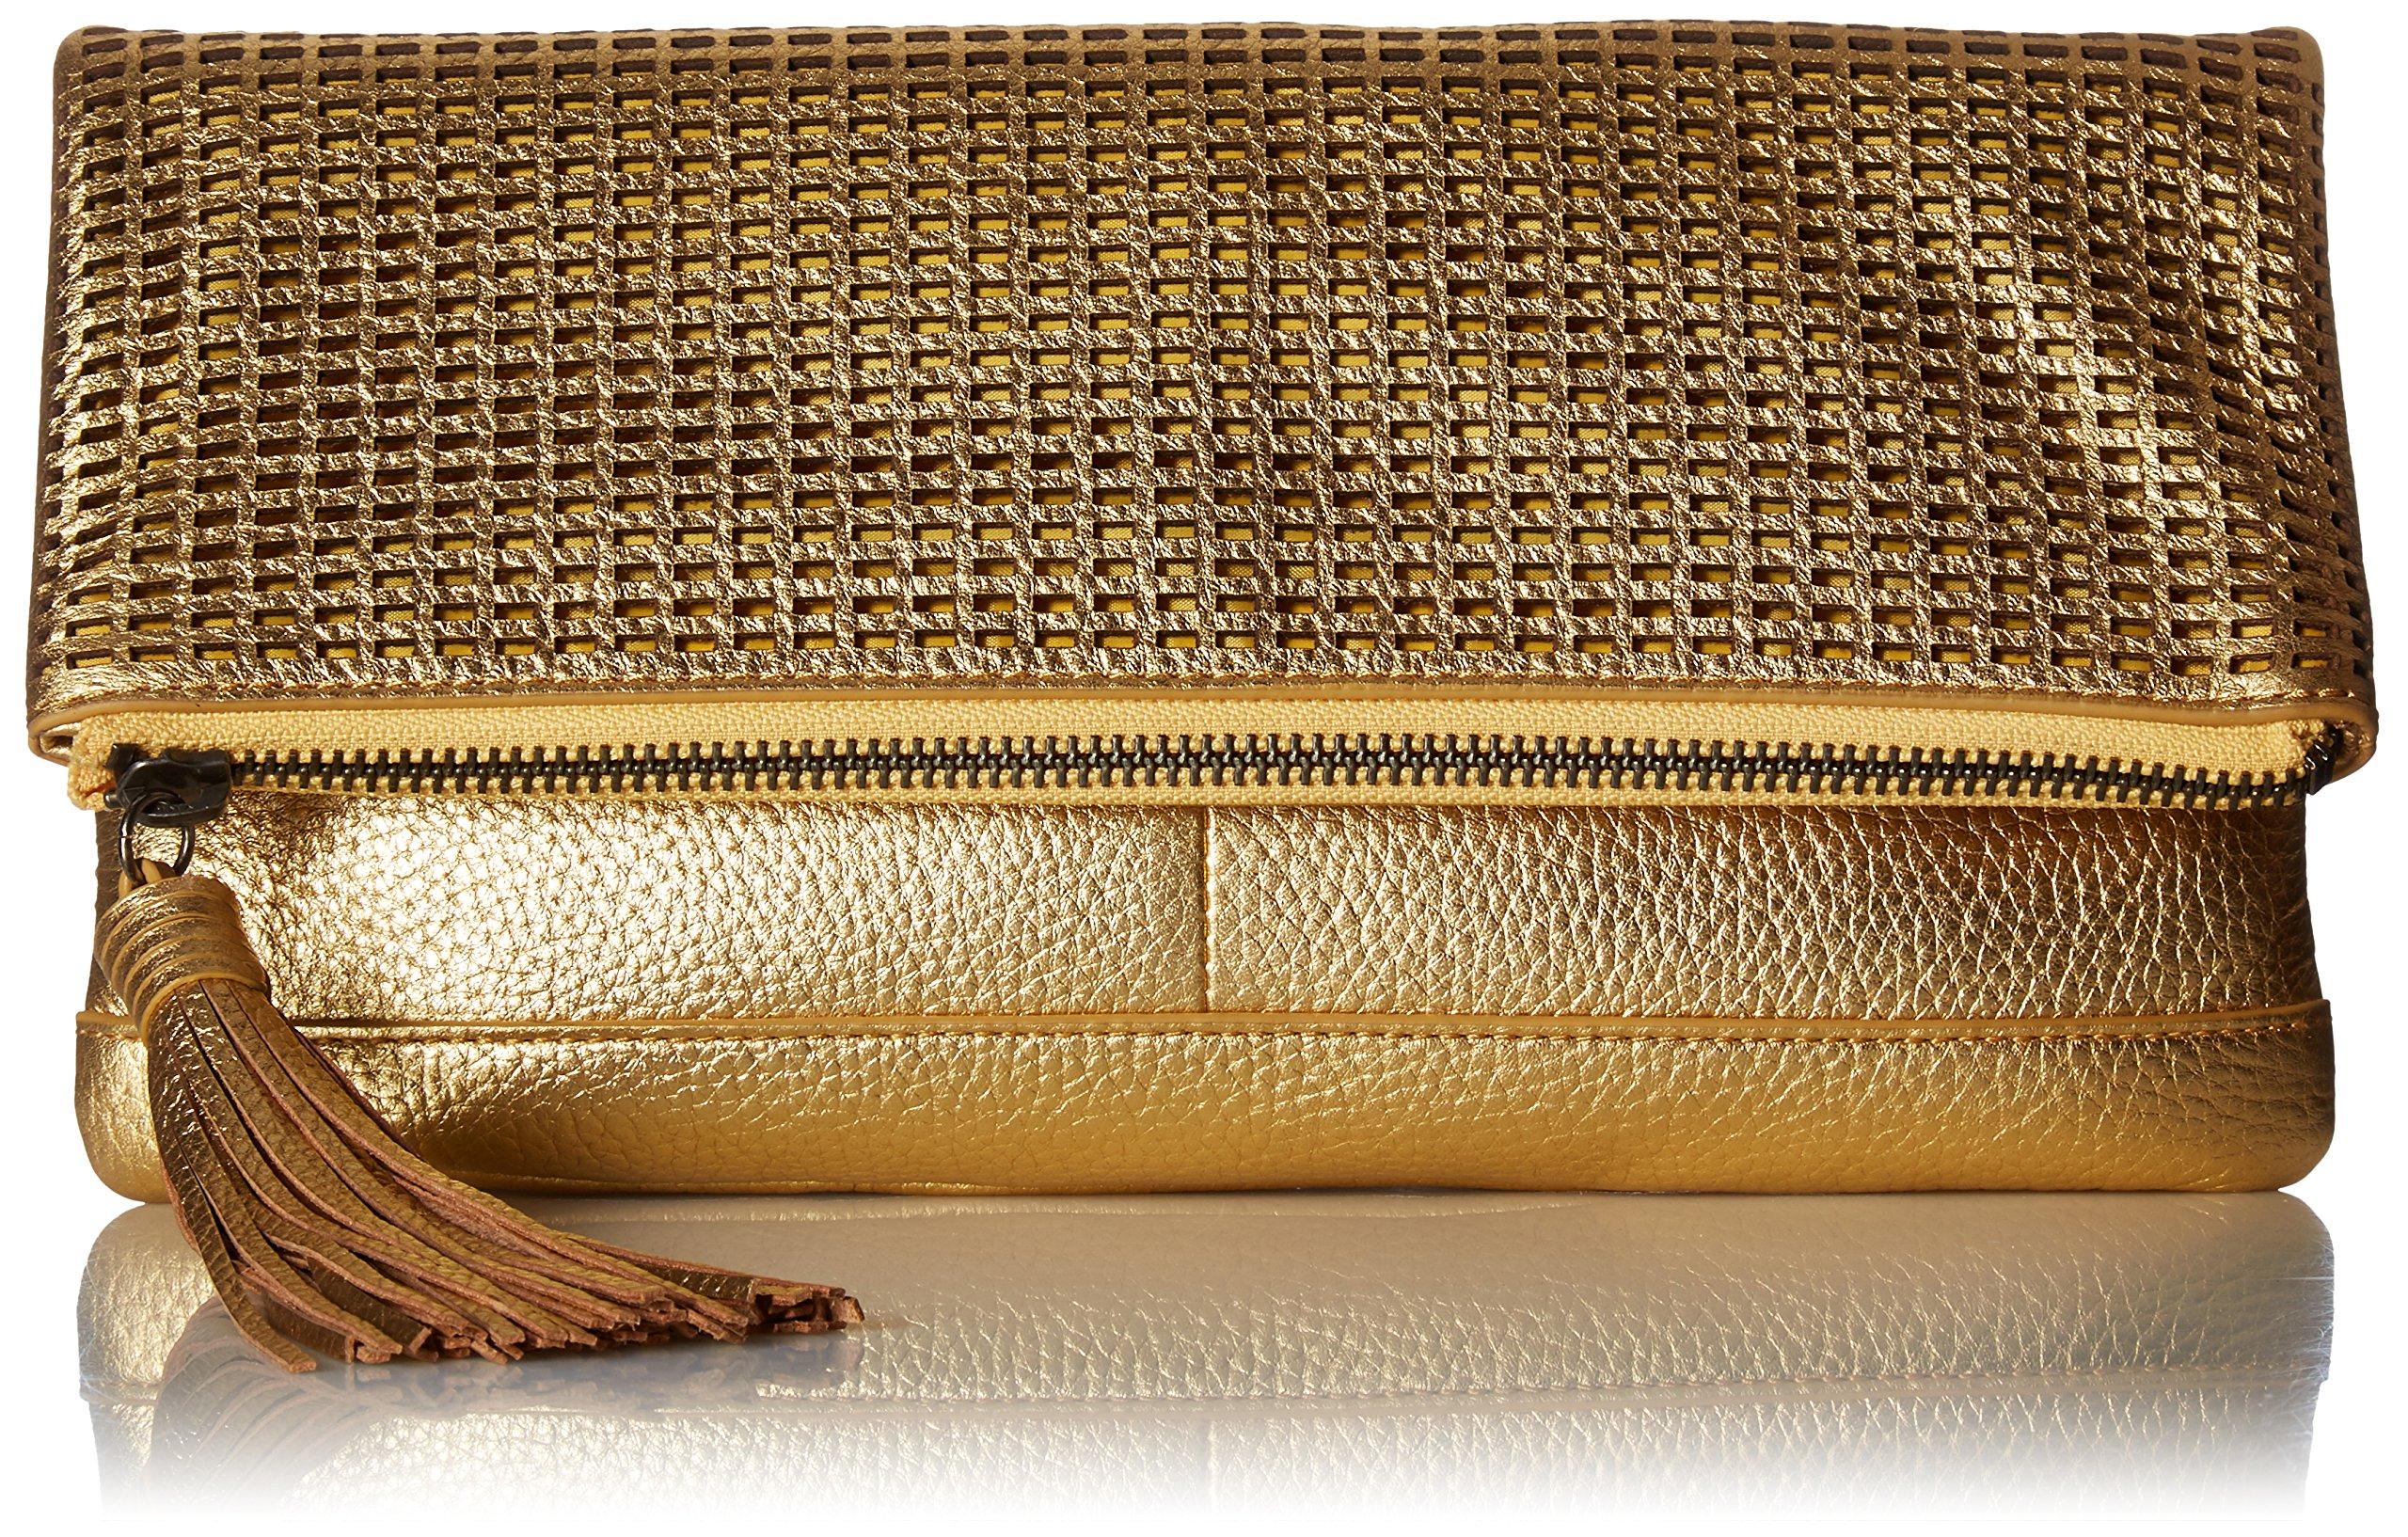 Badgley Mischka Blake Clutch, Gold by Badgley Mischka